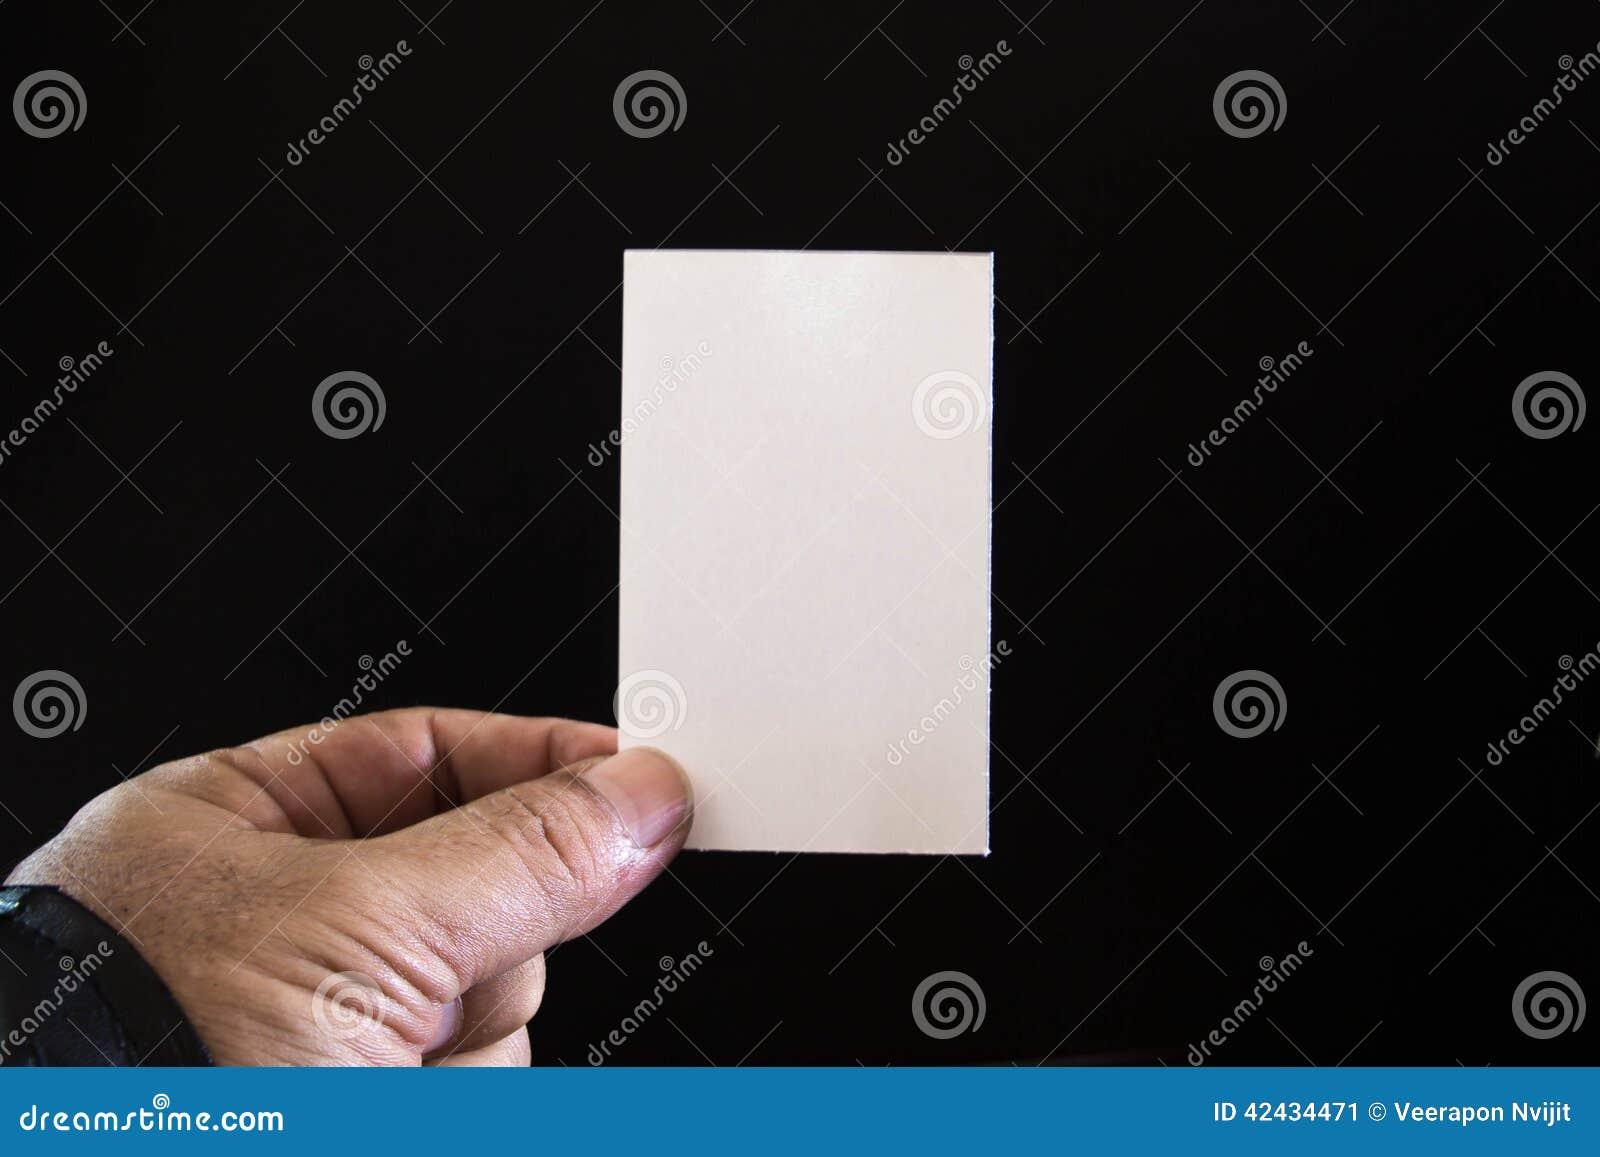 Papel en blanco en las manos de hombres